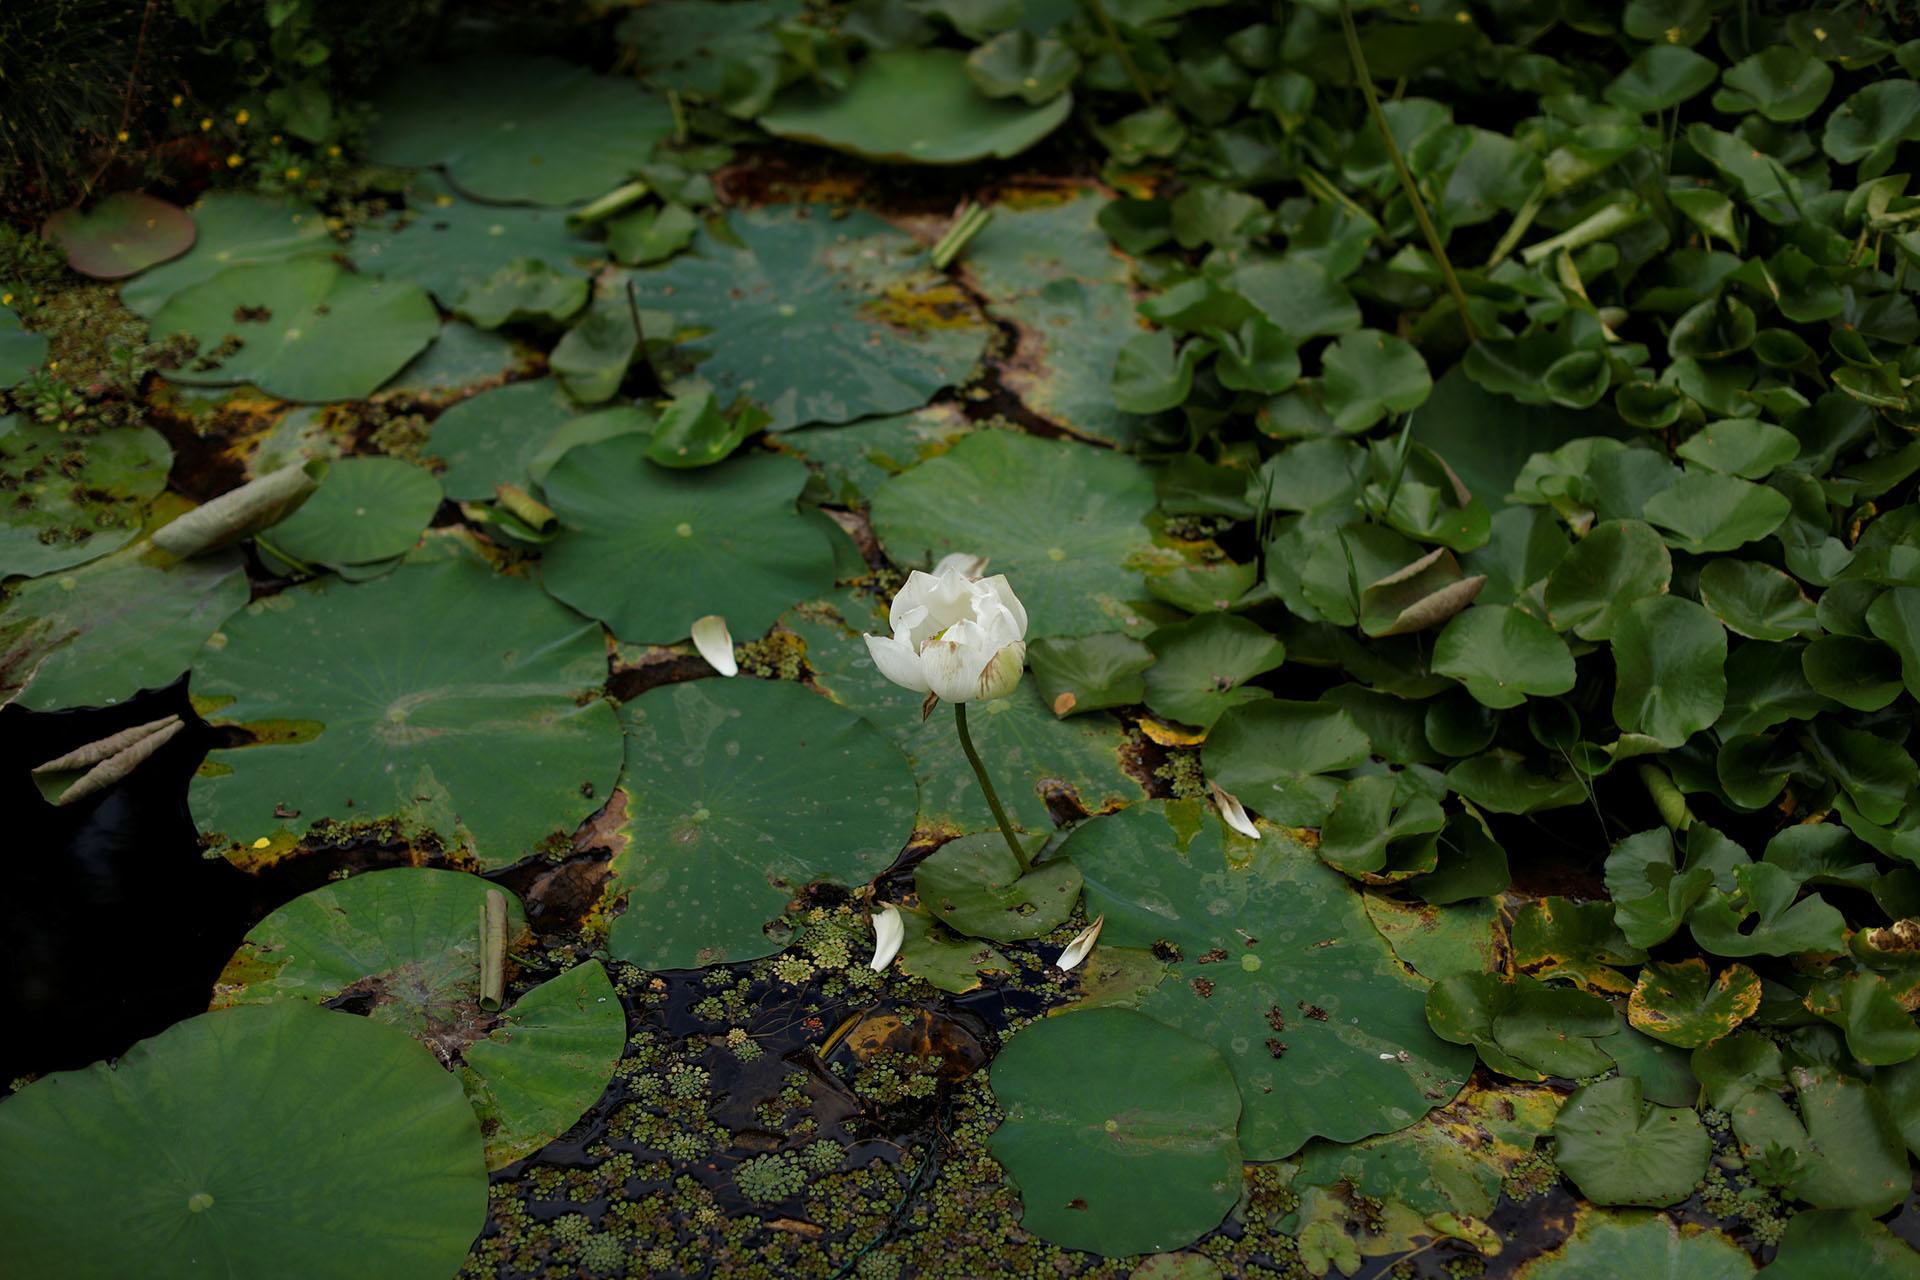 Un lirio florece en la laguna a medio llenar